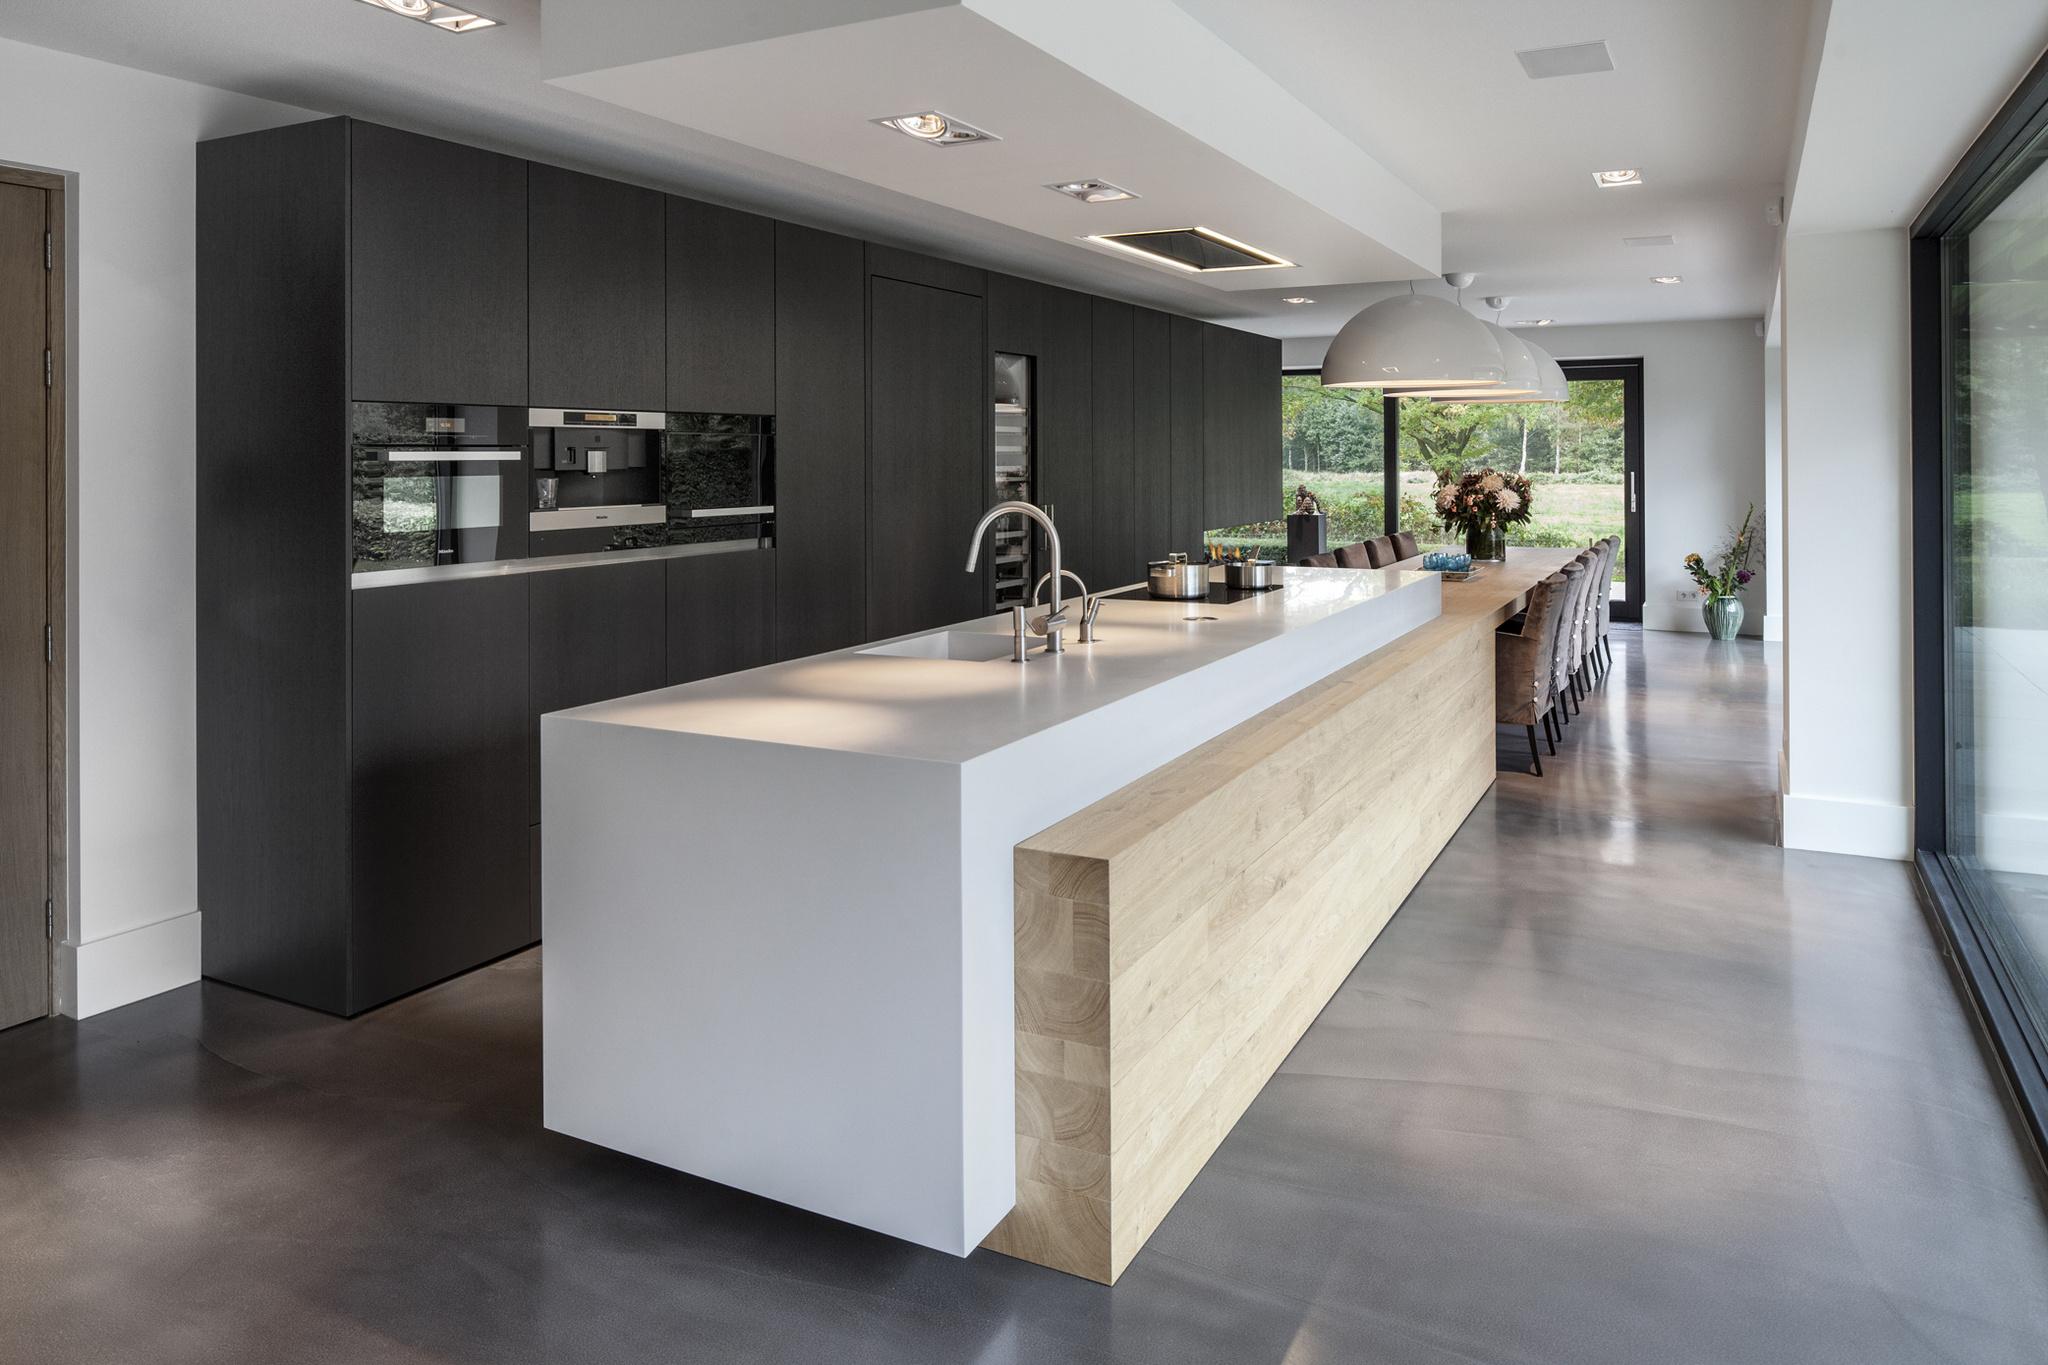 Home Design Keukens : Kolenik eco chic design interior design